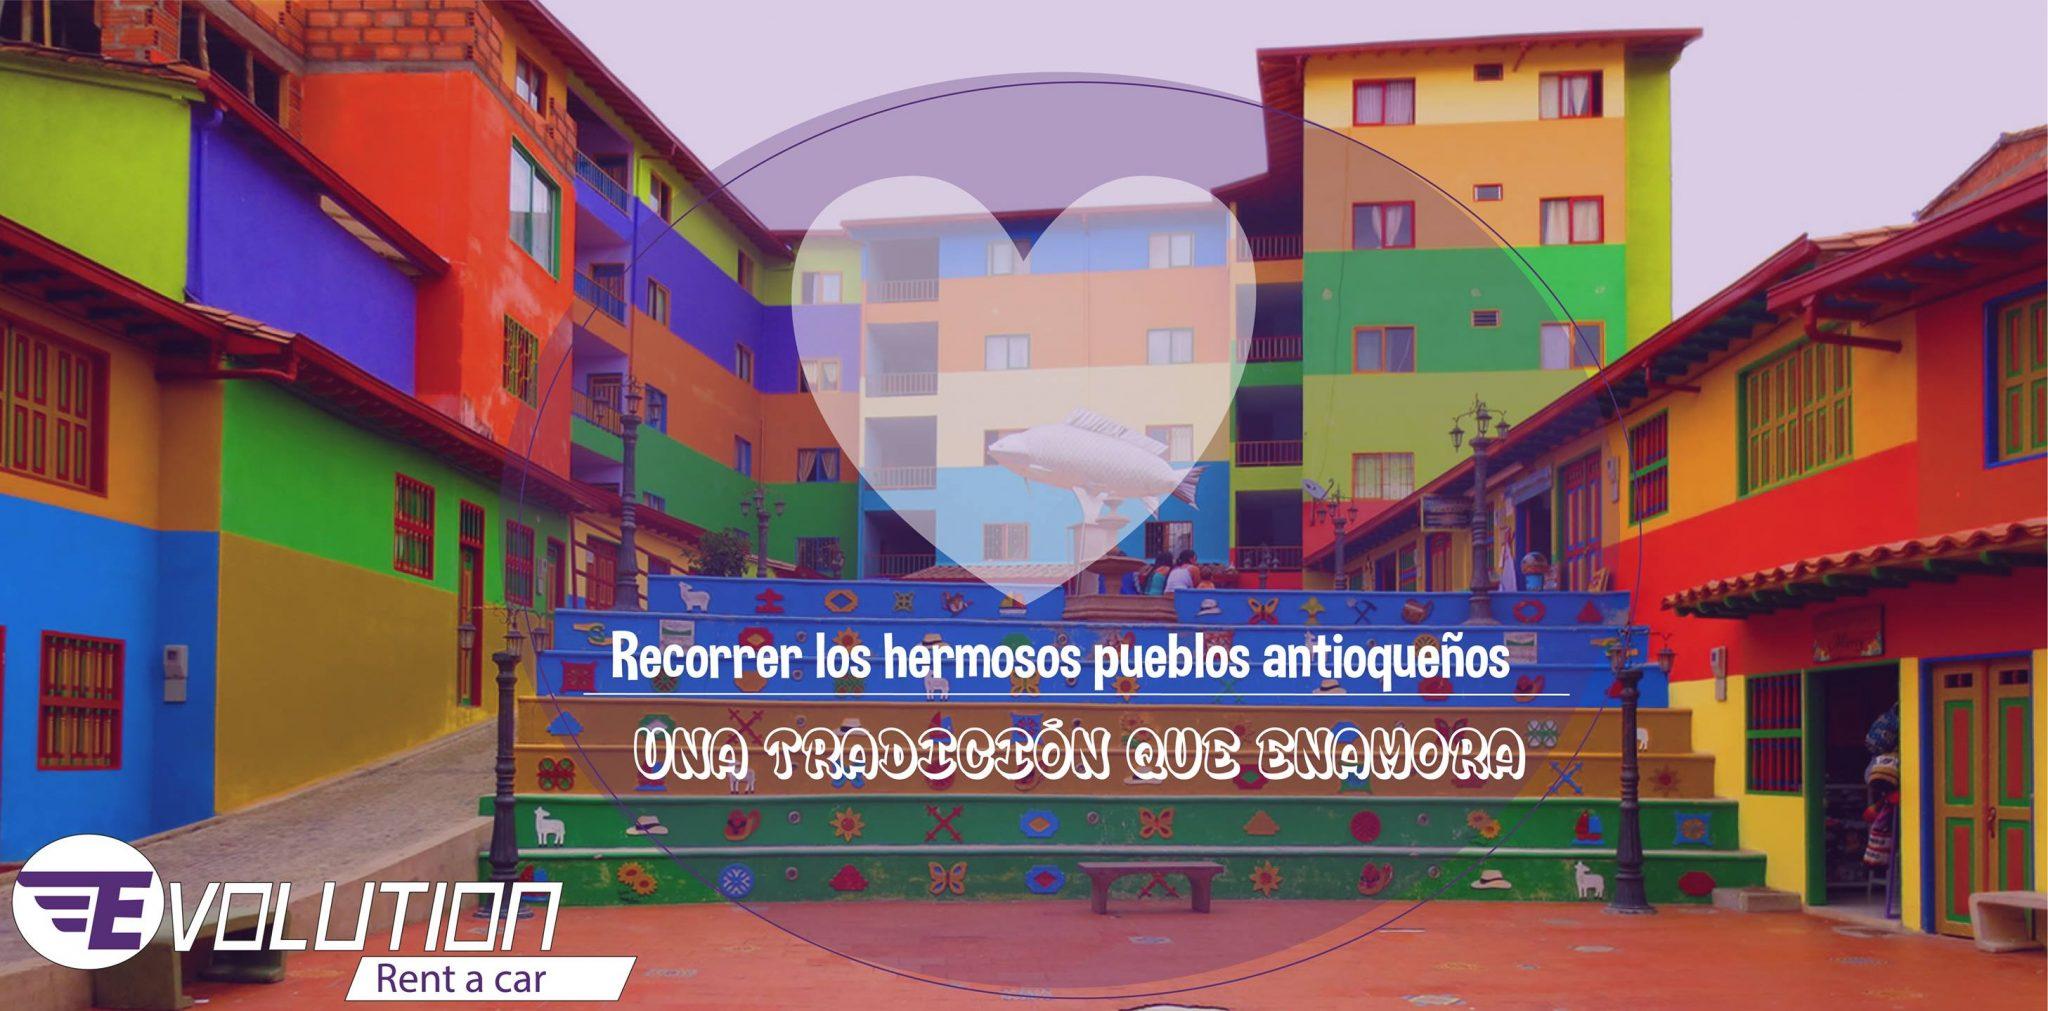 Alquiler y Renta de carros en Medellín